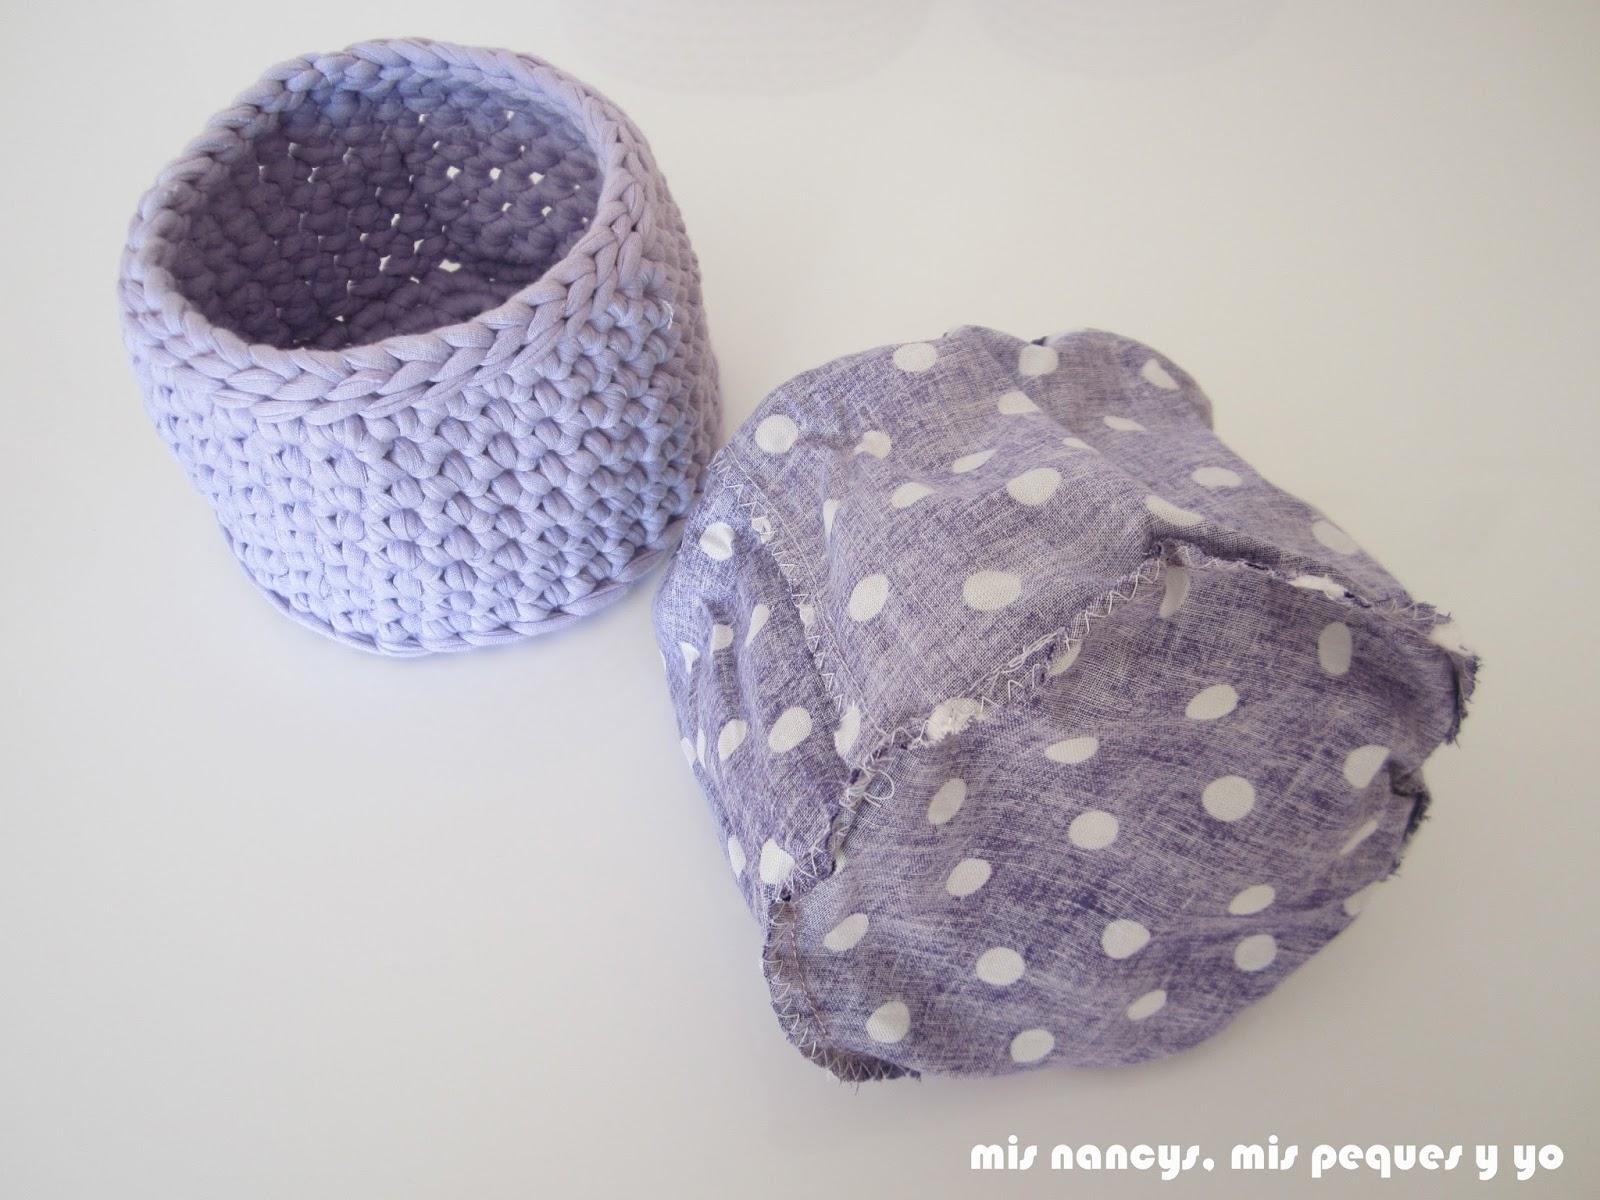 mis nancys, mis peques y yo, cestas redondas de trapillo con fundas de tela, interior funda de tela